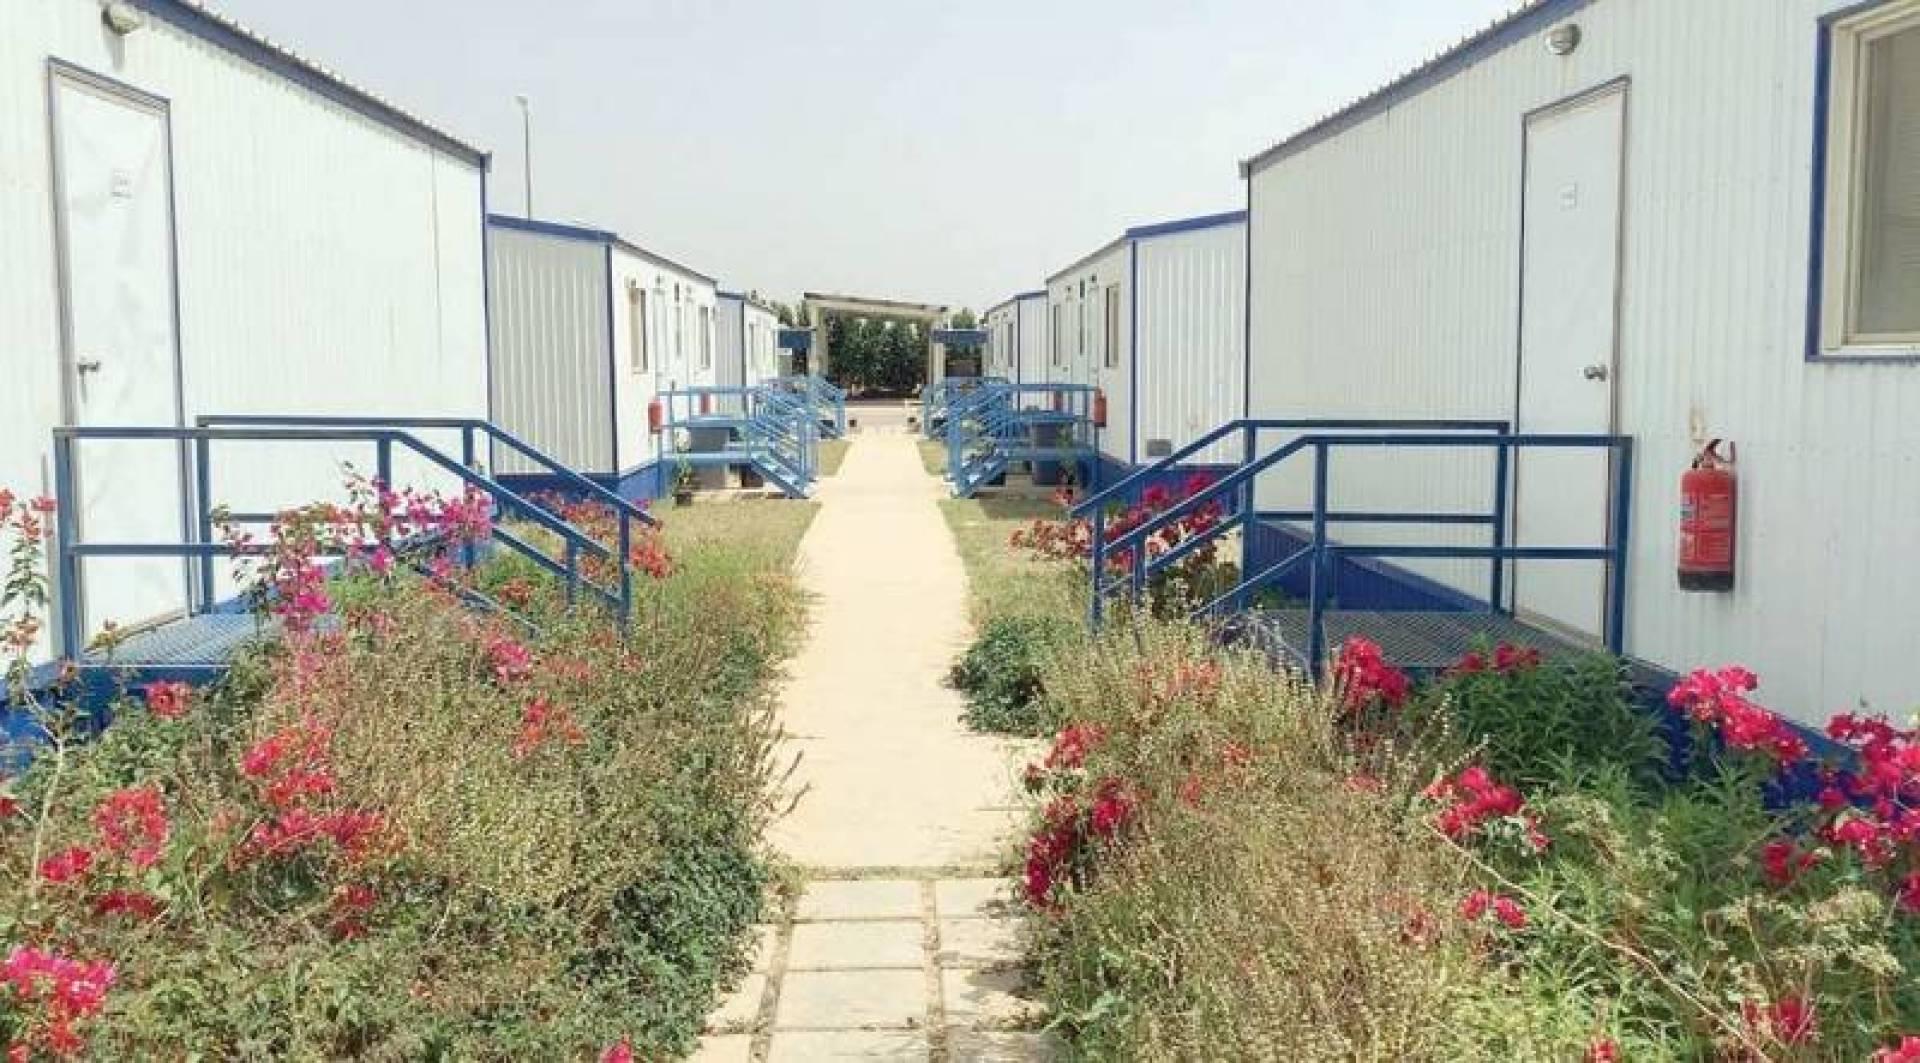 يوسف فلاح لـ «القبس»: محجر العبدلي.. خدمات فندقية بانتظار الطلبة